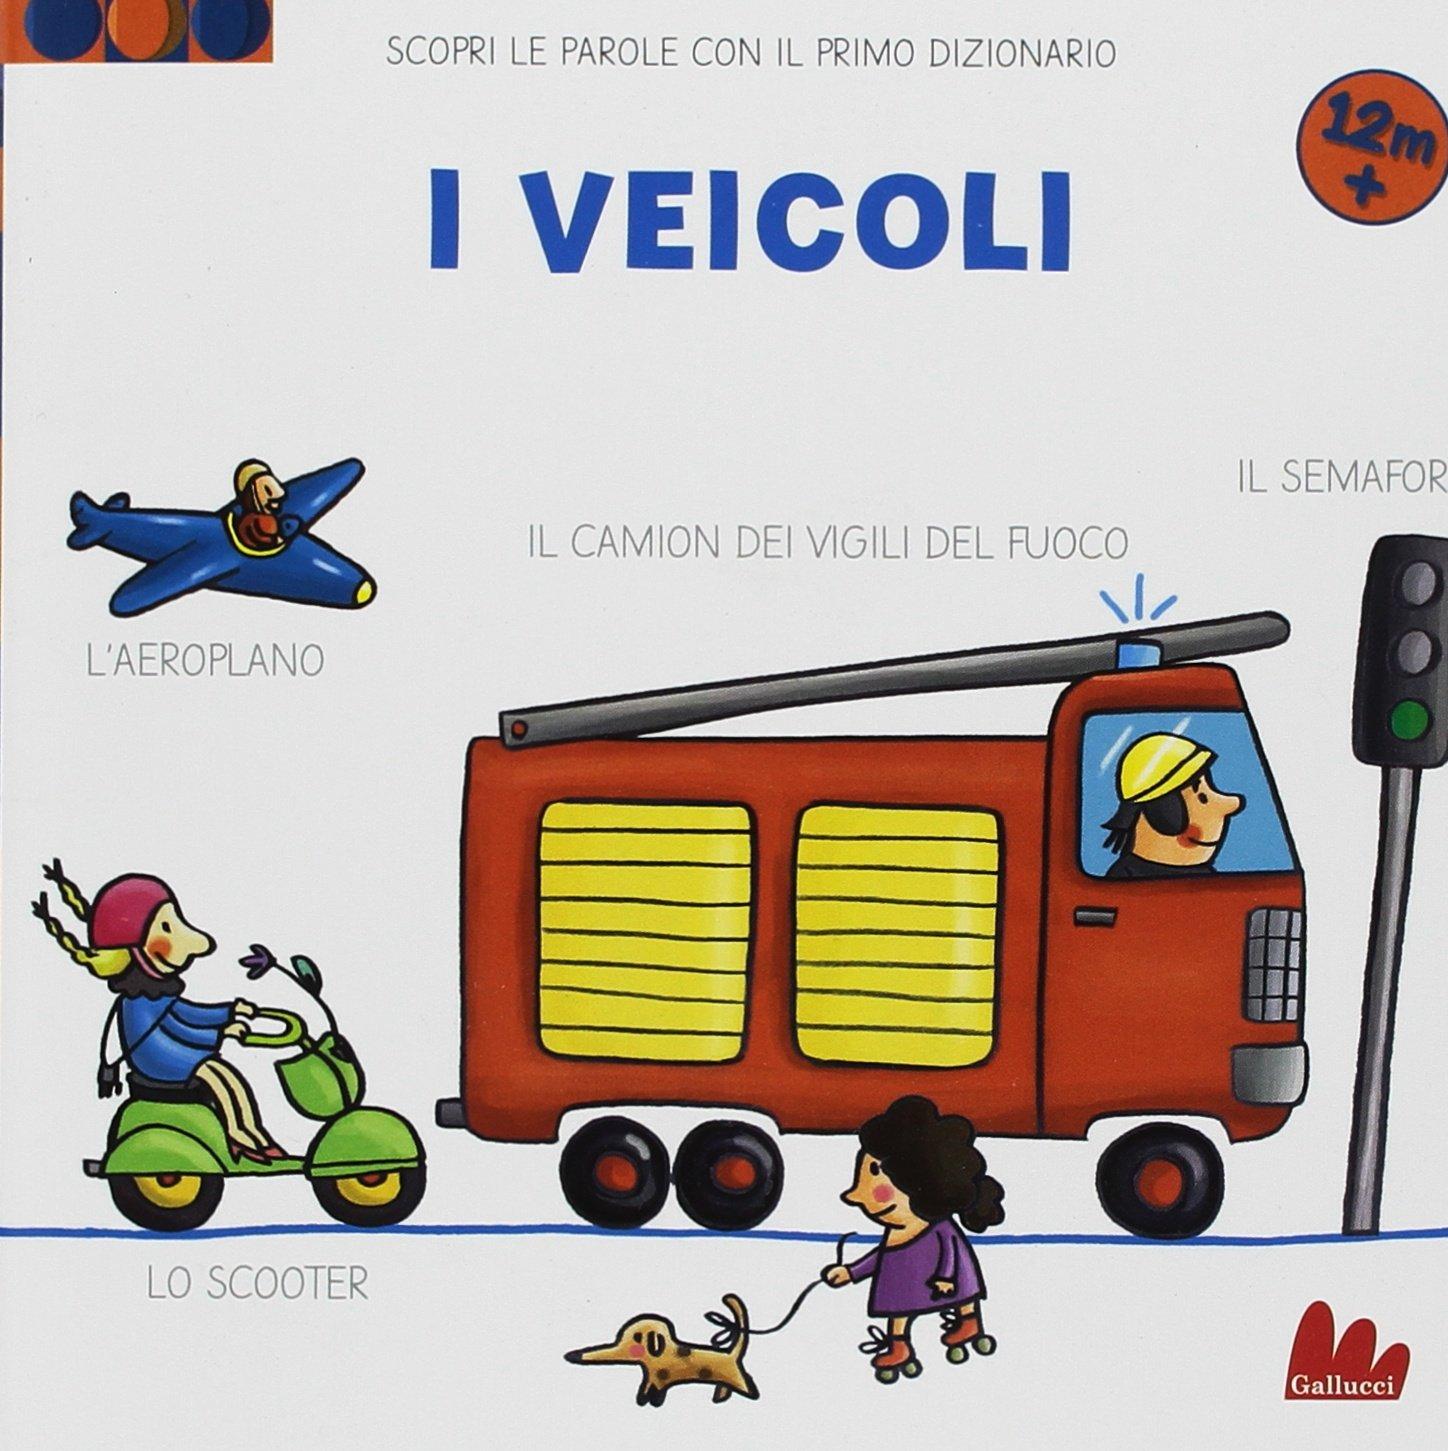 I Veicoli Scopri Le Parole Con Il Primo Dizionario Amazoncouk